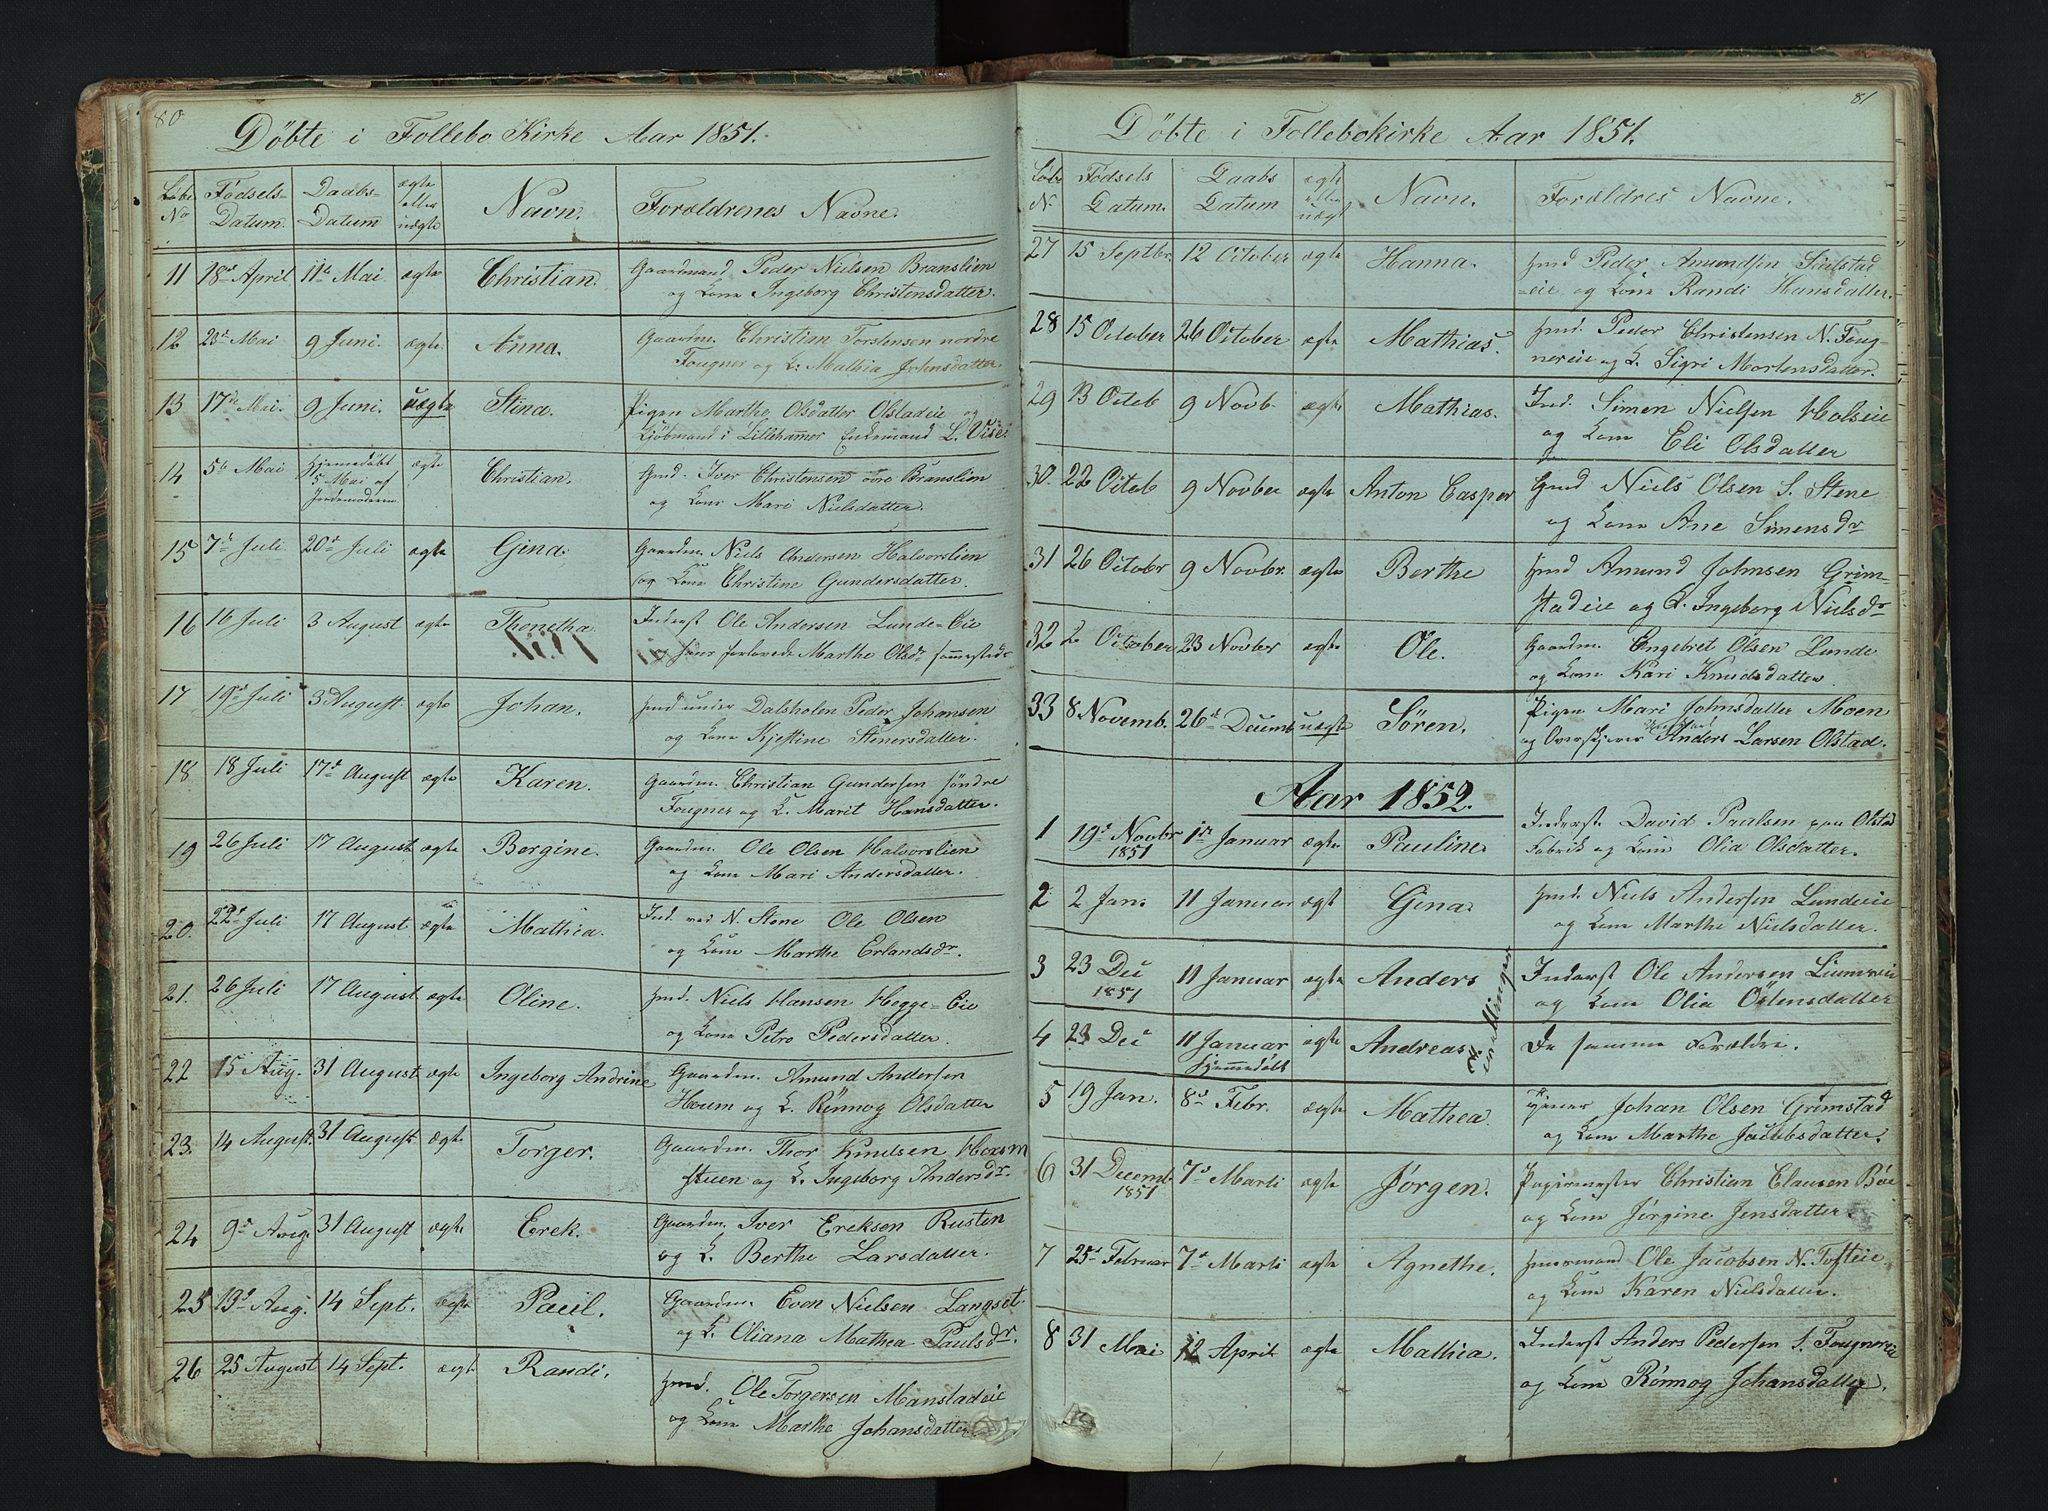 SAH, Gausdal prestekontor, Klokkerbok nr. 6, 1846-1893, s. 80-81